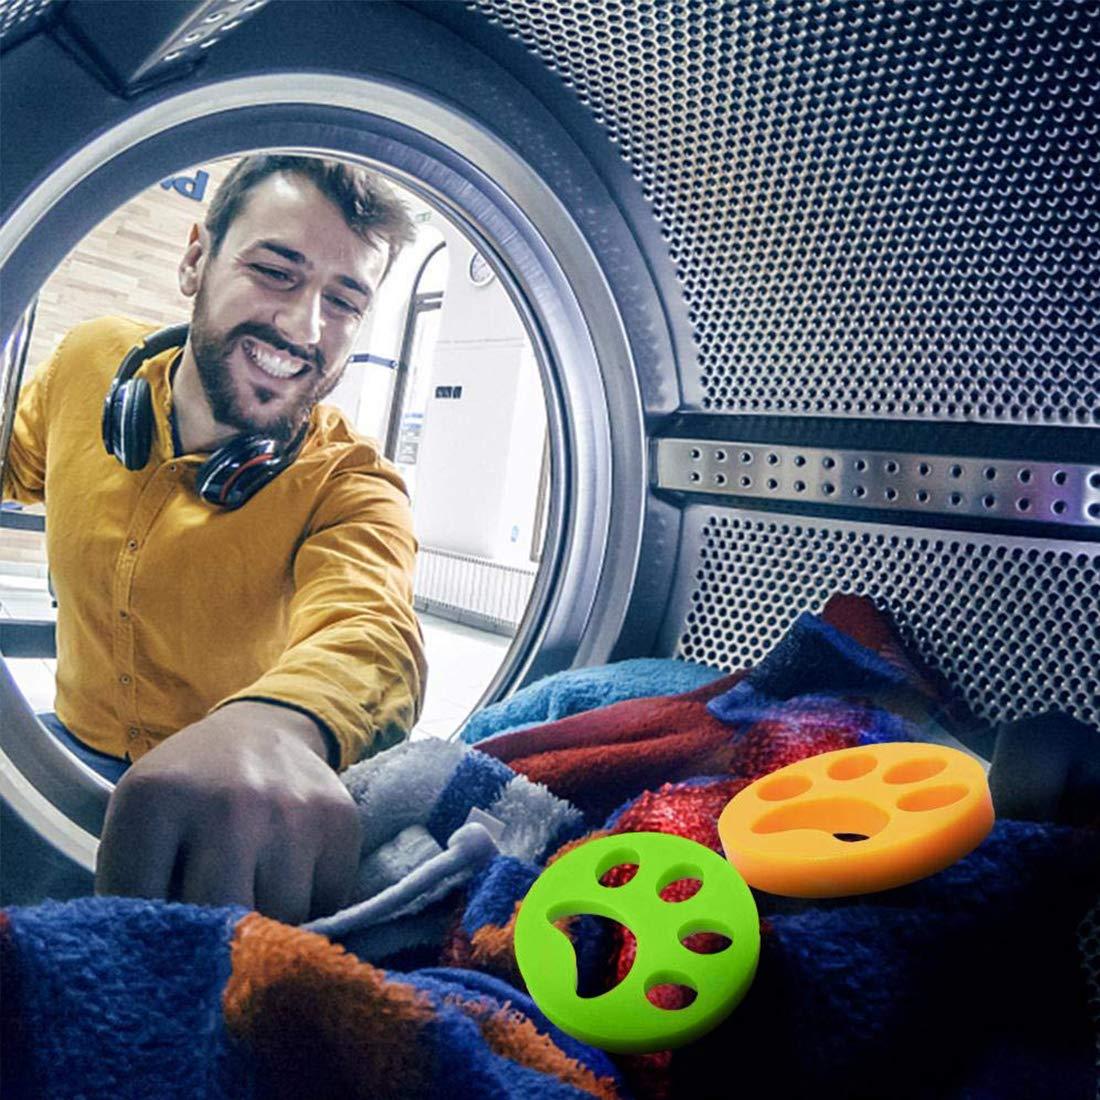 lavadora Kungfu Mall 3 piezas de removedor de pelo de mascotas lavadora pelusa flotante para mascotas con 10 piezas de pinzas de ropa atrapador de pelo de mascotas flotante atrapador de pelusas